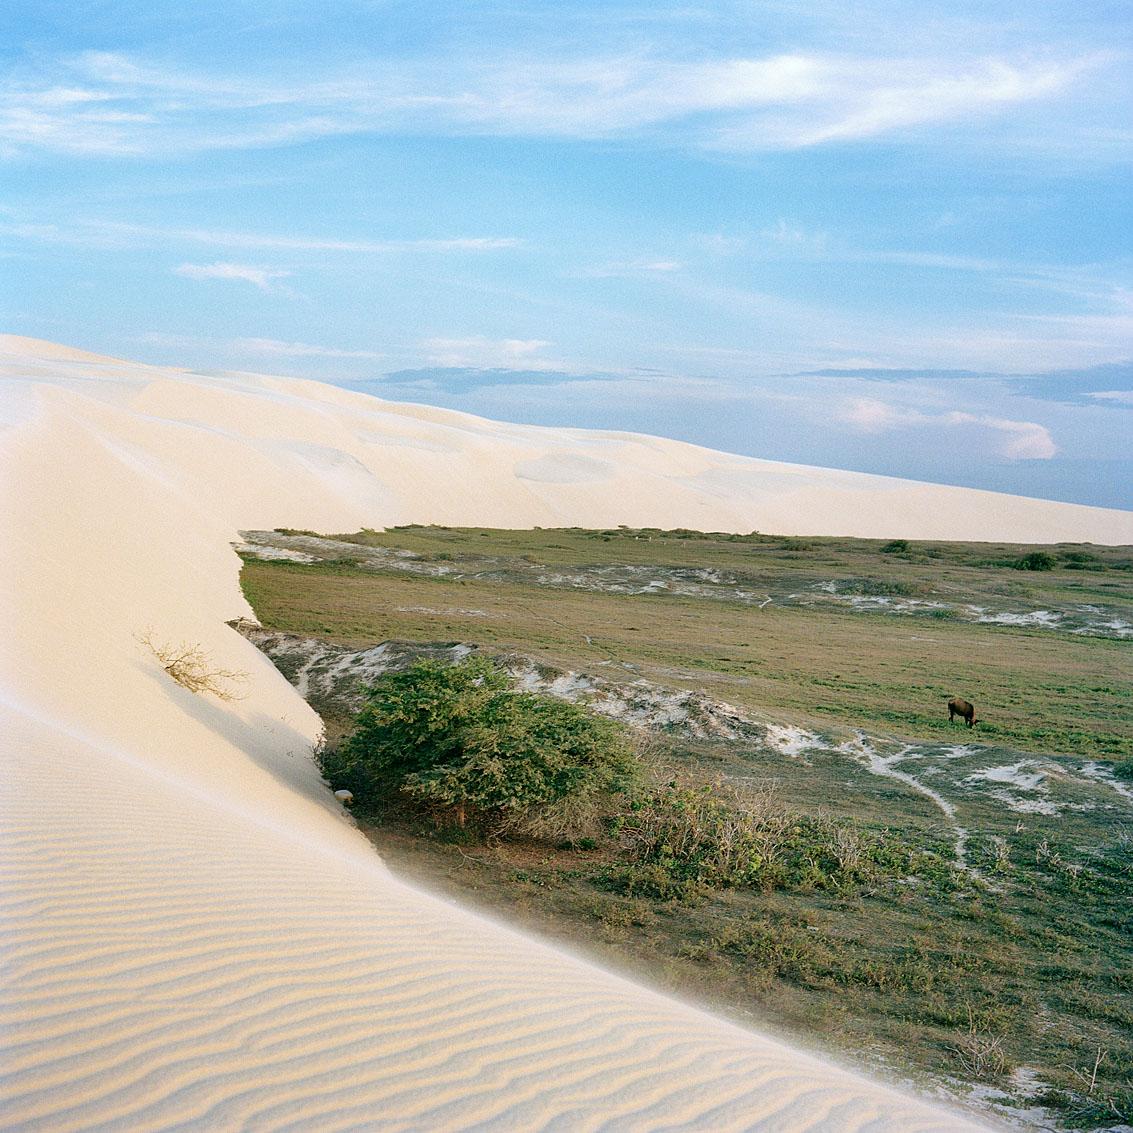 Parc national de Jericoacoara.